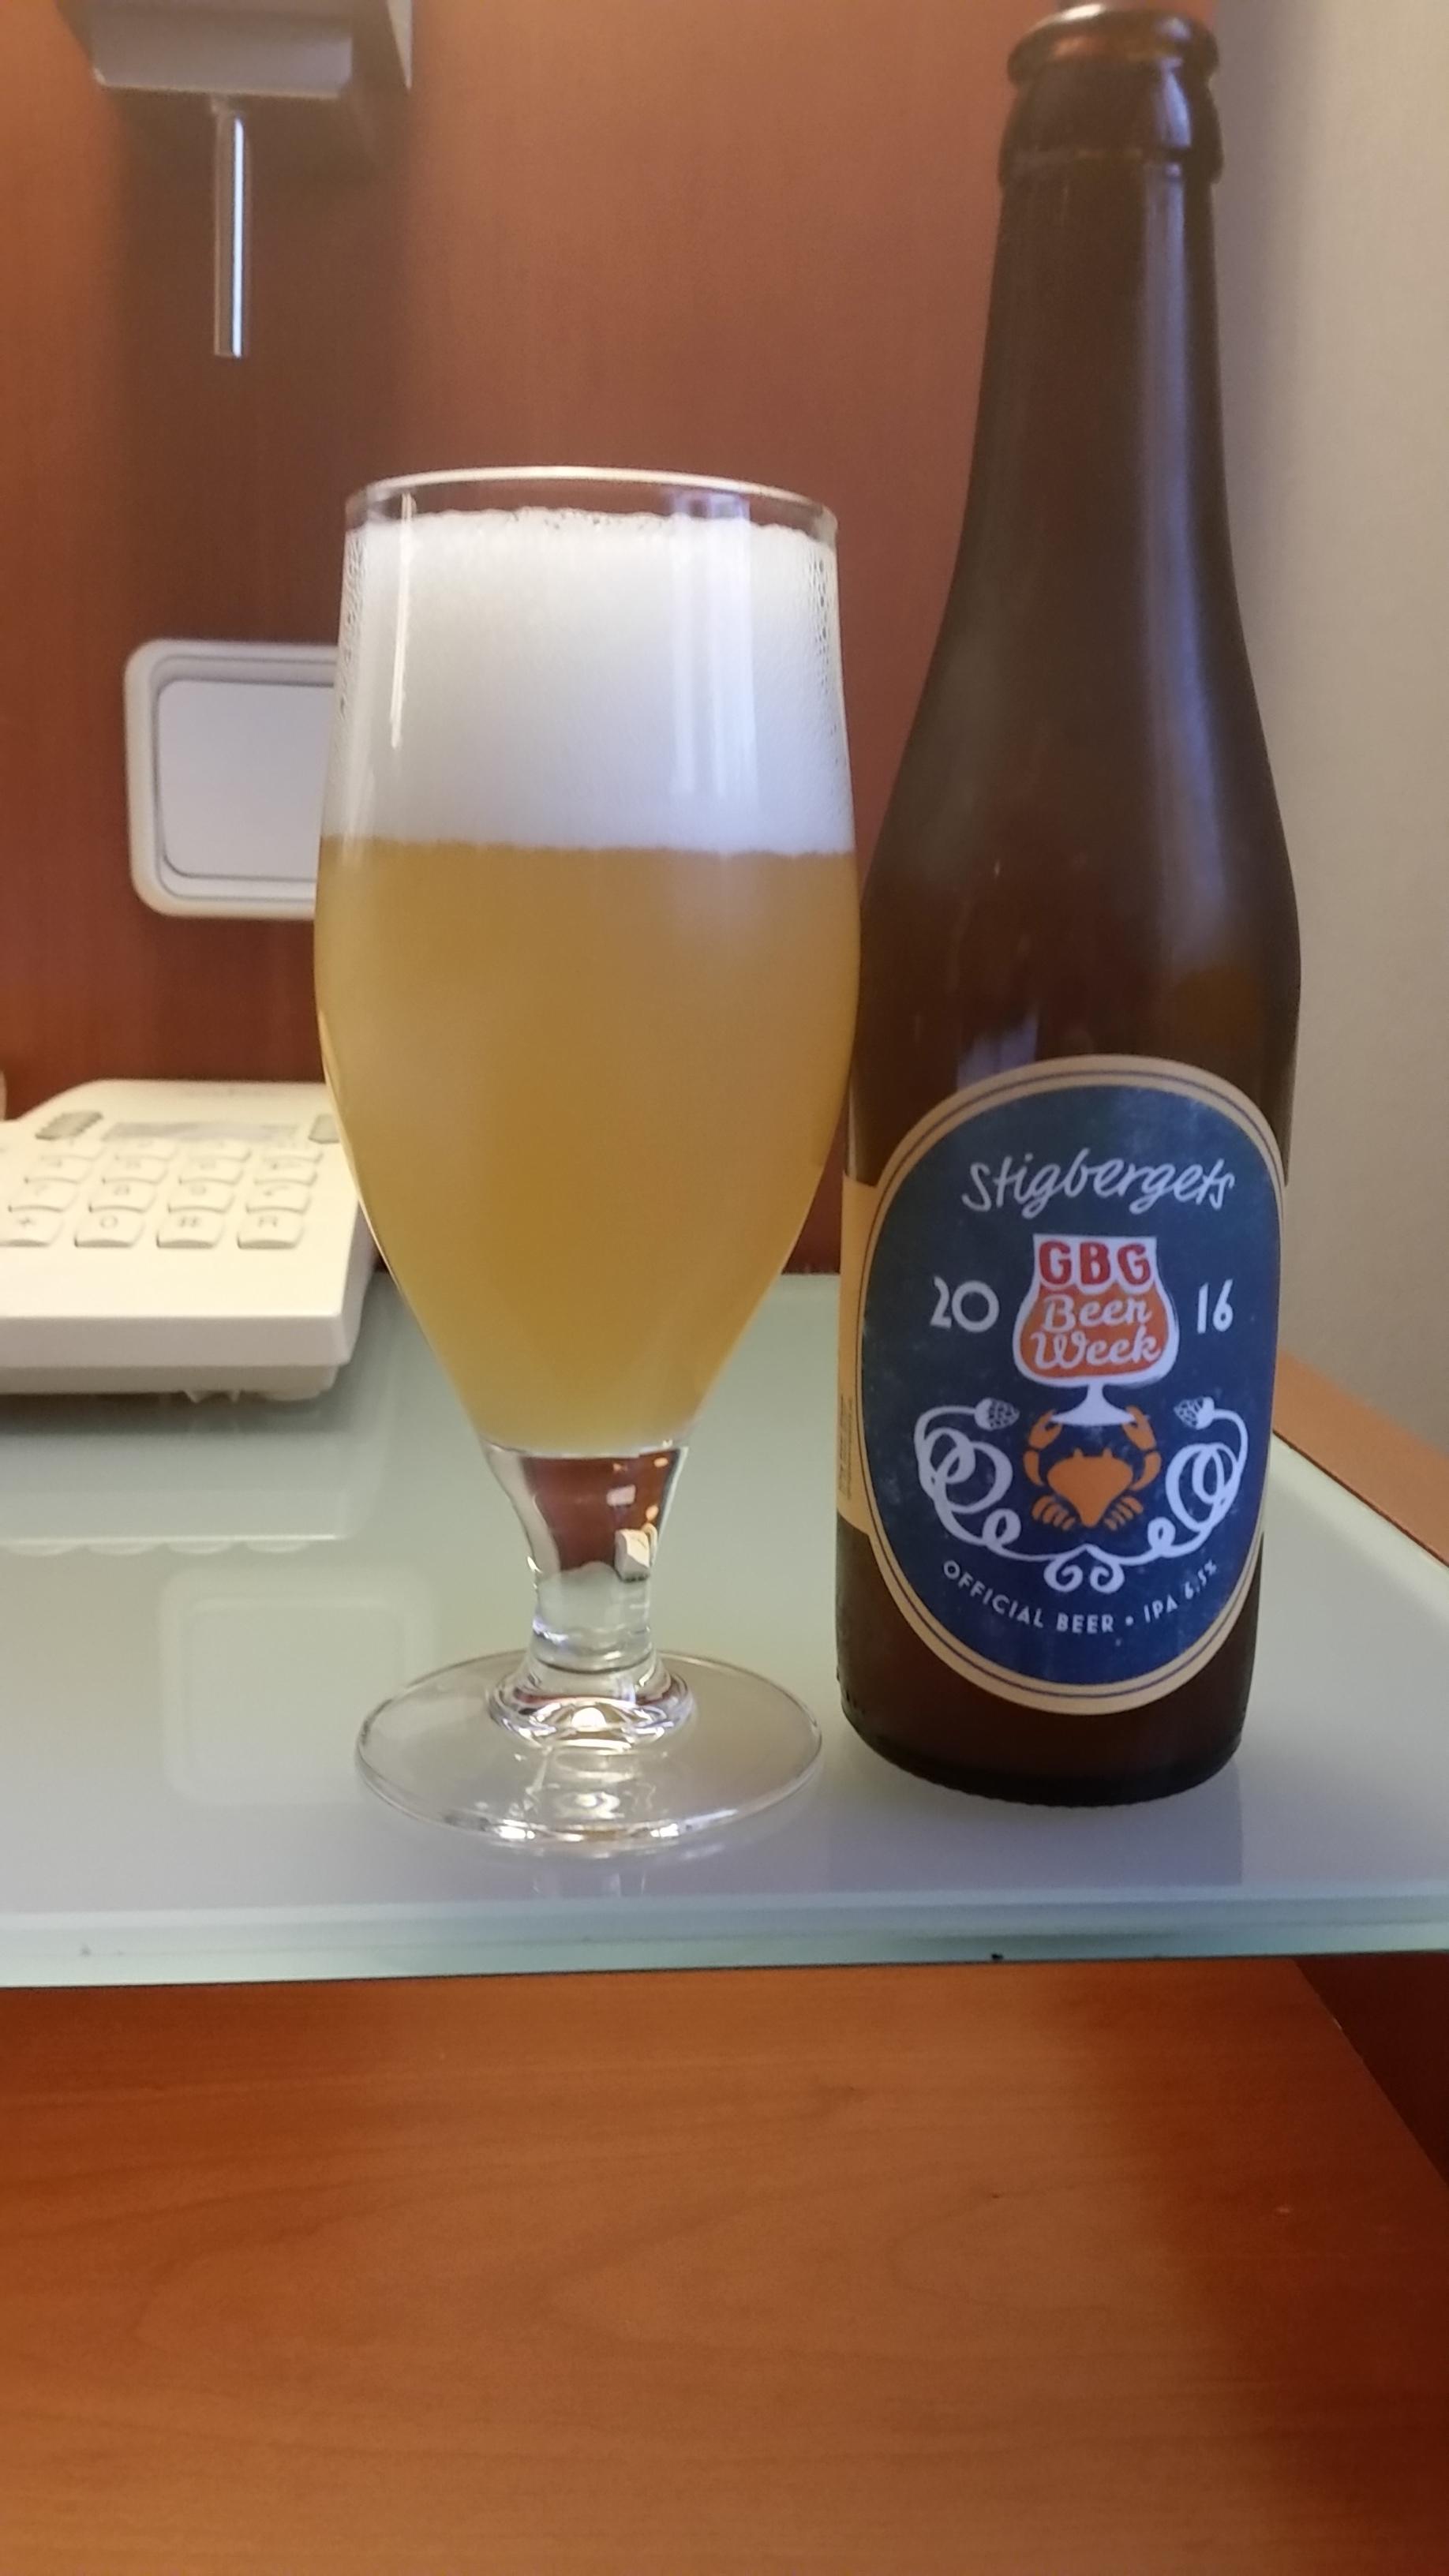 Stigbergets Gbg Beer Week 2016, İsveç'ten ve 100 puan,mükemmele yakın bir IPA